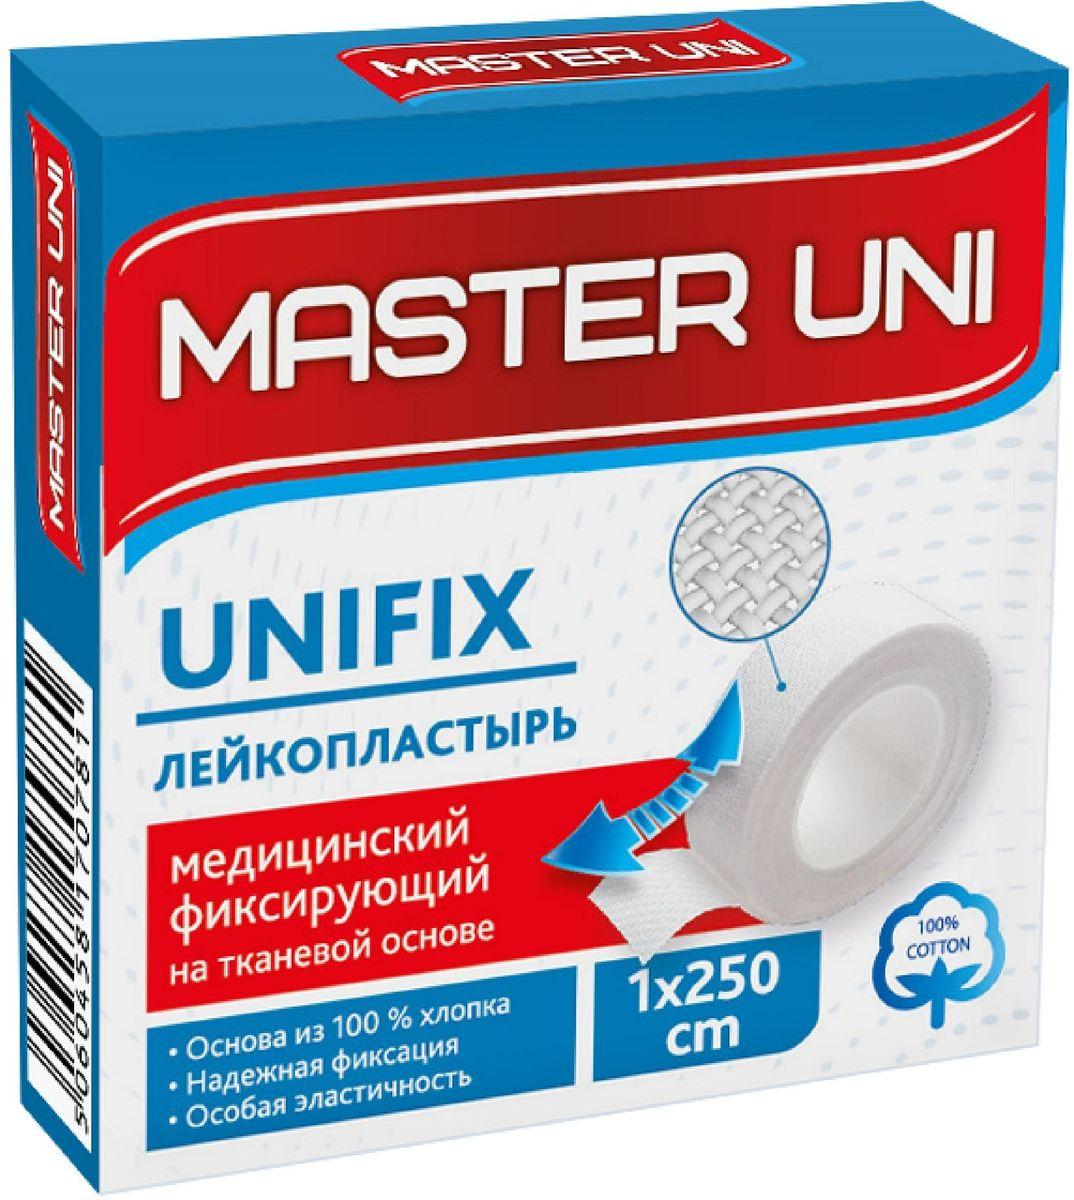 Master Uni Unifix Лейкопластырь фиксирующий, 1 х 250 см, тканевая основа17078Лейкопластырь медицинский фиксирующий на тканевой основе MASTER UNI UNIFIX предназначен для фиксации различного вида перевязочных средств, компрессов, тампонов и крепления на коже вспомогательных медецинских устройств. Обладает отличной эластичностью, принимая форму изгибов тела и не стесняя движения, стойкой фиксацией, плотно прилегая к телу. Натуральная основа из 100% хлопка подходит для любого типа кожи. Правила хранения: хранить в сухом месте при комнатной температуре. Размер 1 х 250 см.